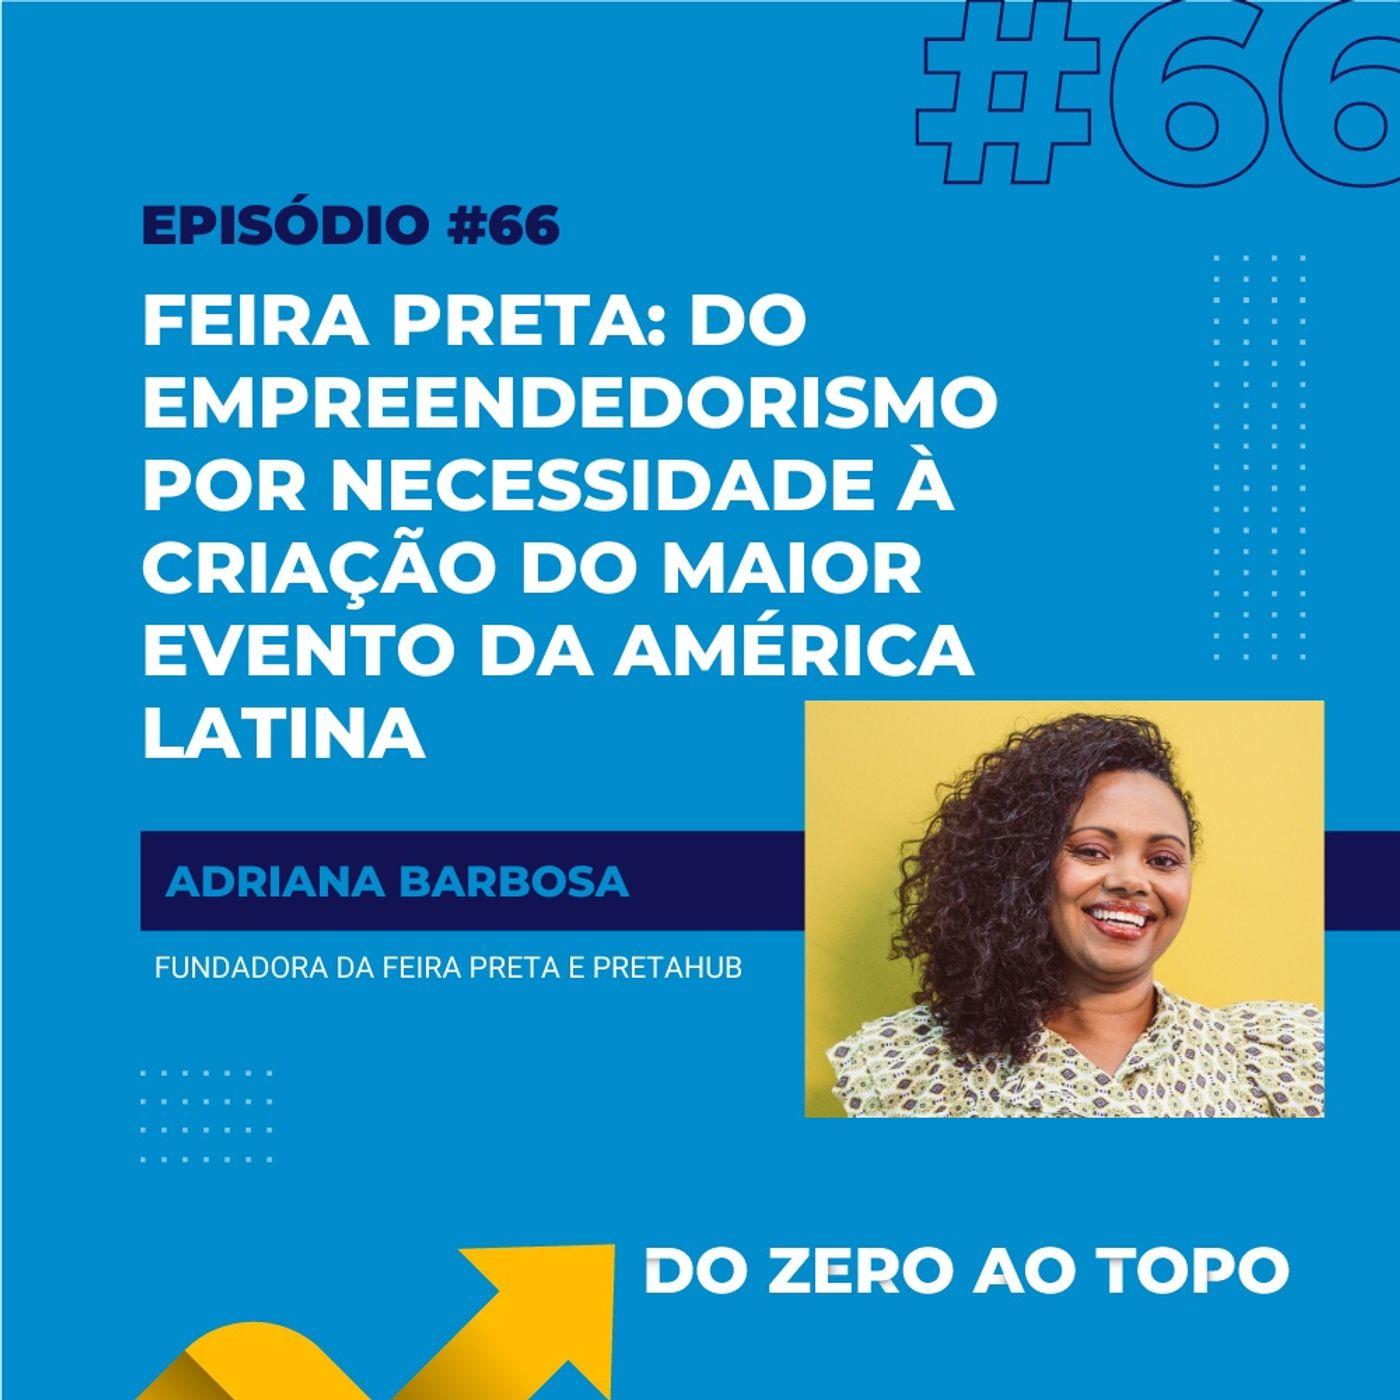 #66 - Feira Preta: do empreendedorismo por necessidade à criação do maior evento da América Latina